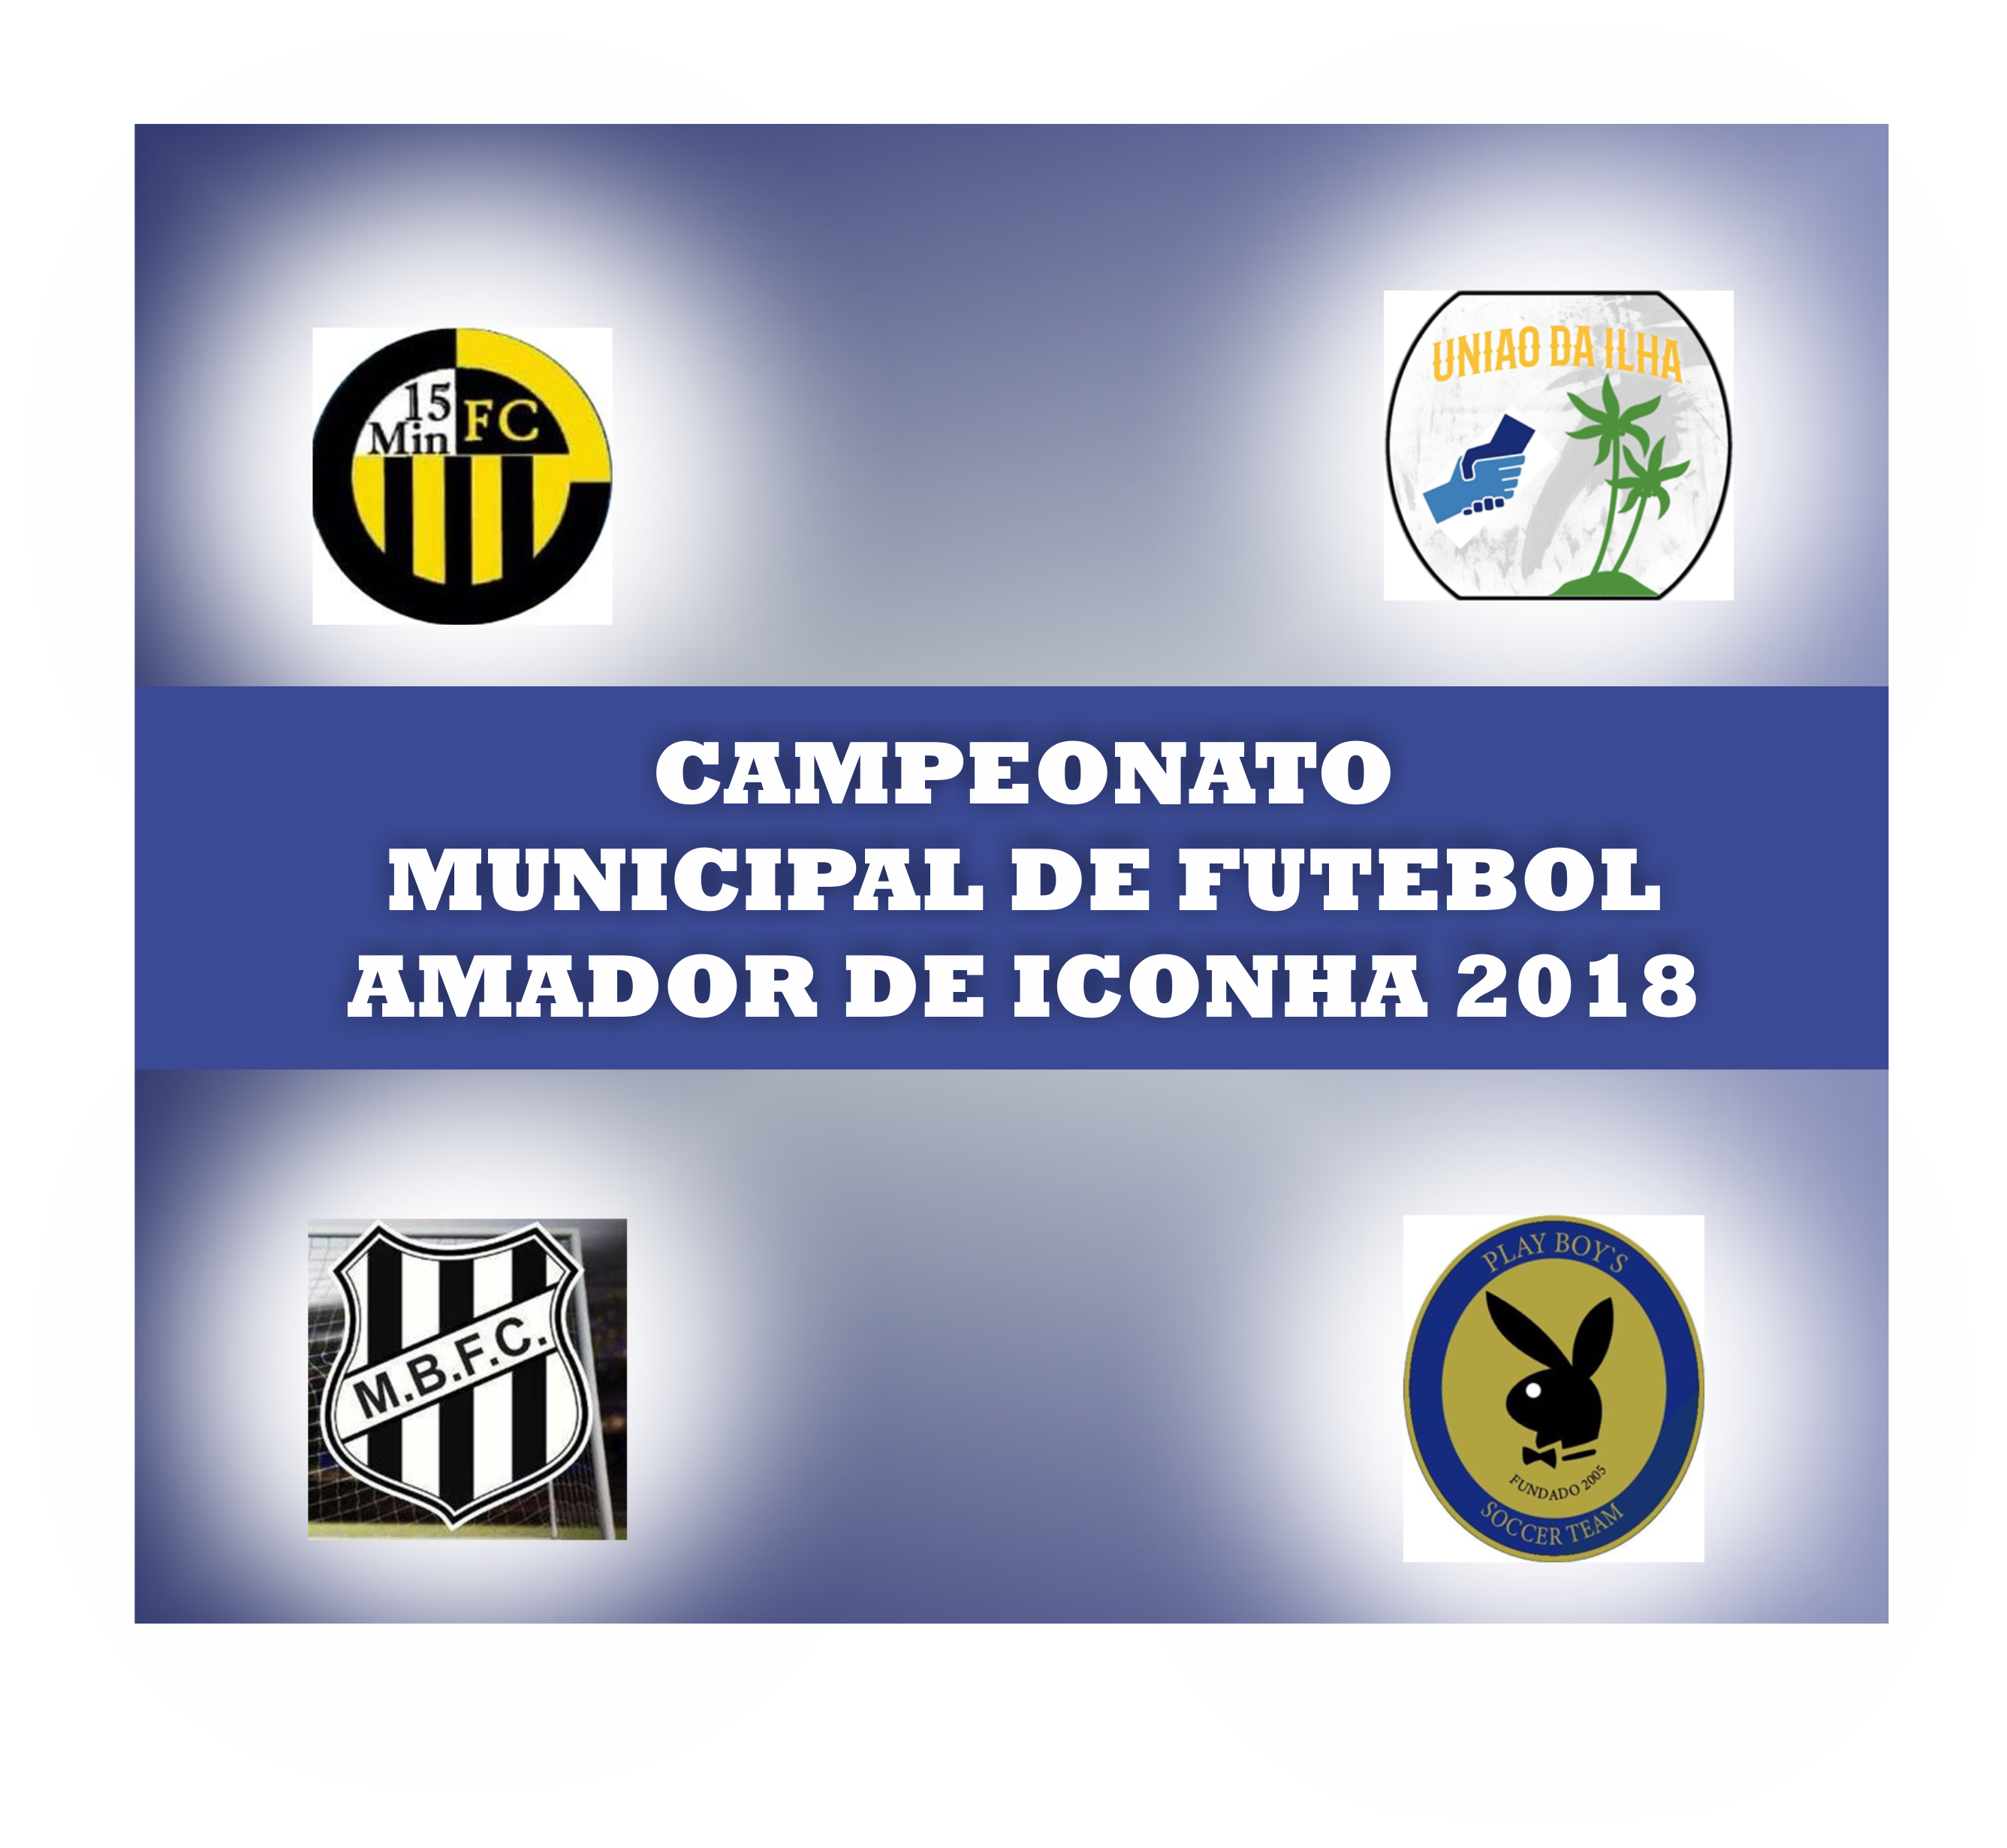 Play Boys e 15 Minutos vencem e fazem a decisão do Campeonato Municipal de Iconha